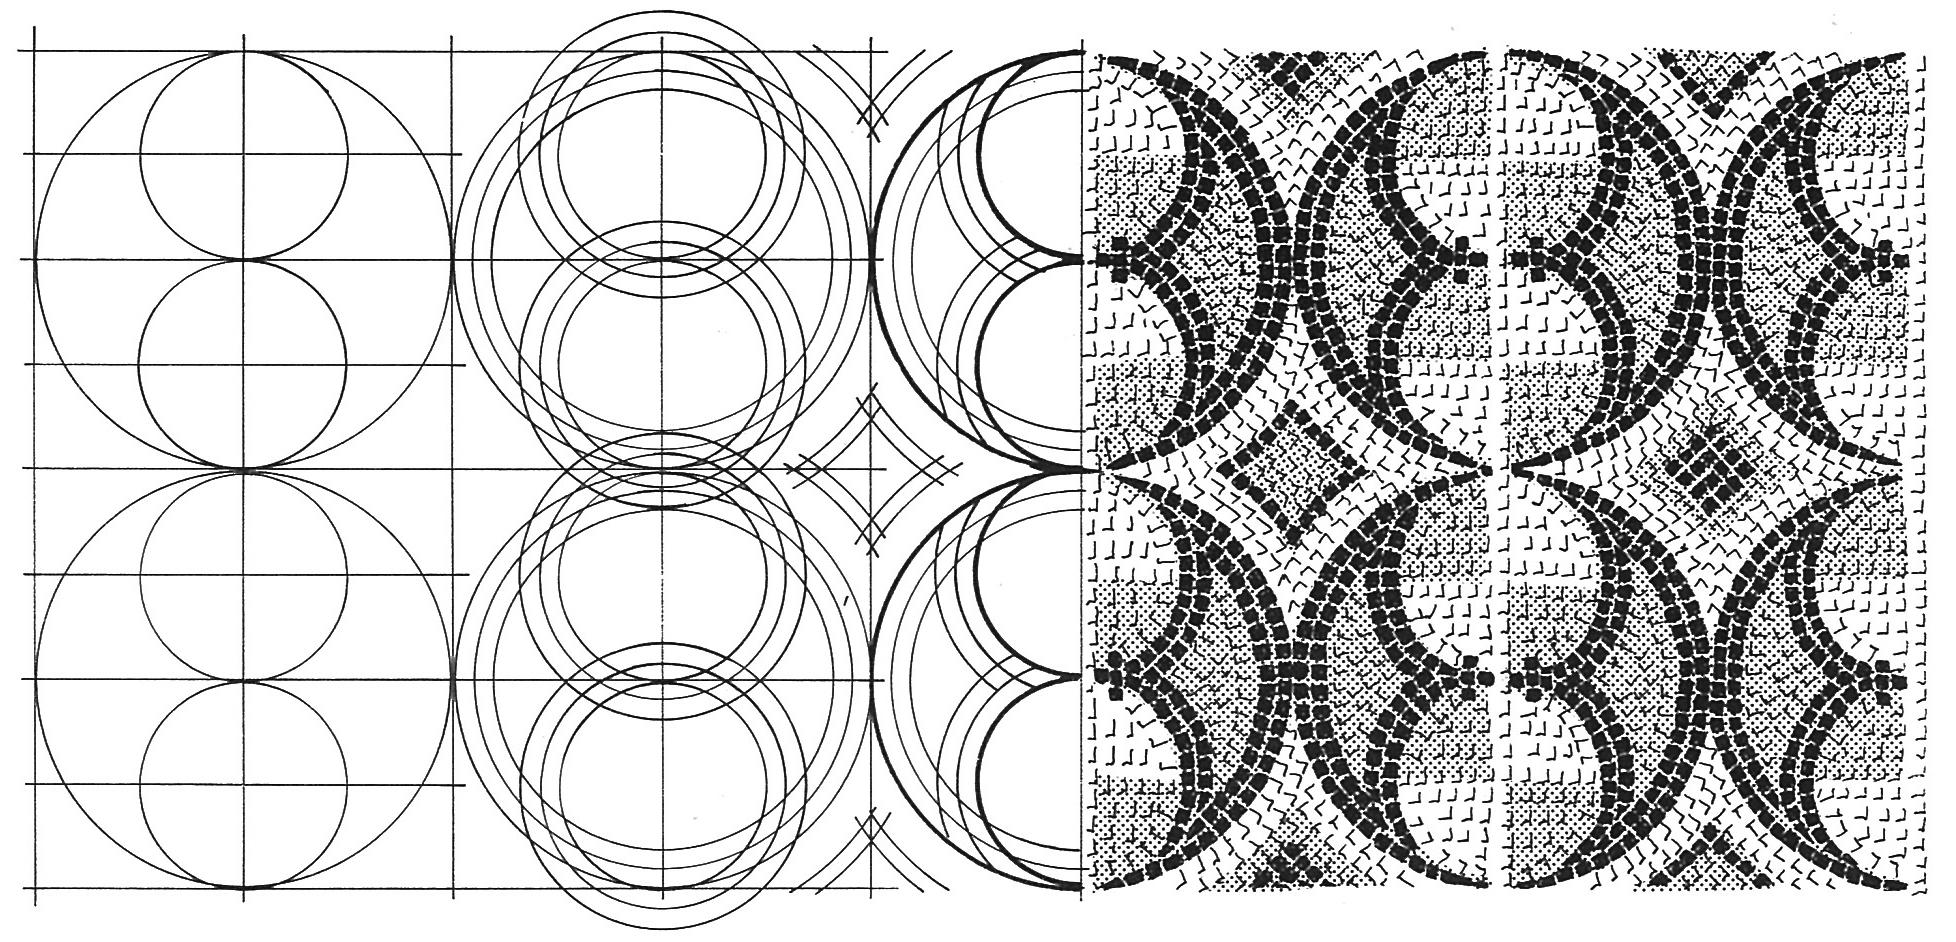 Disegni Mosaico Da Stampare Disegno Mimosa Da Stampare E Colorare